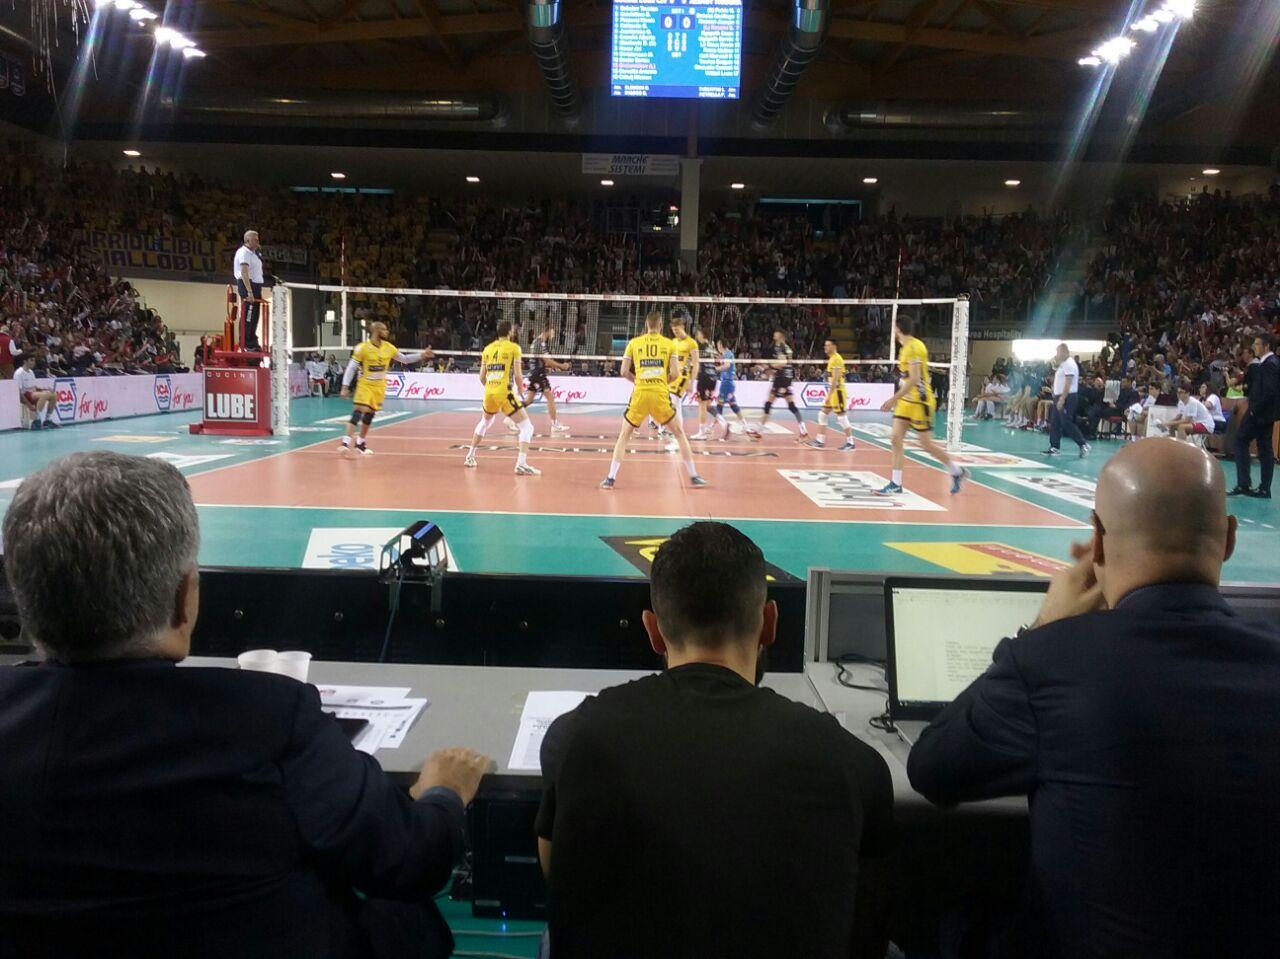 Modena inciampa nella sfortuna, sconfitta di misura a Civitanova: 2-3